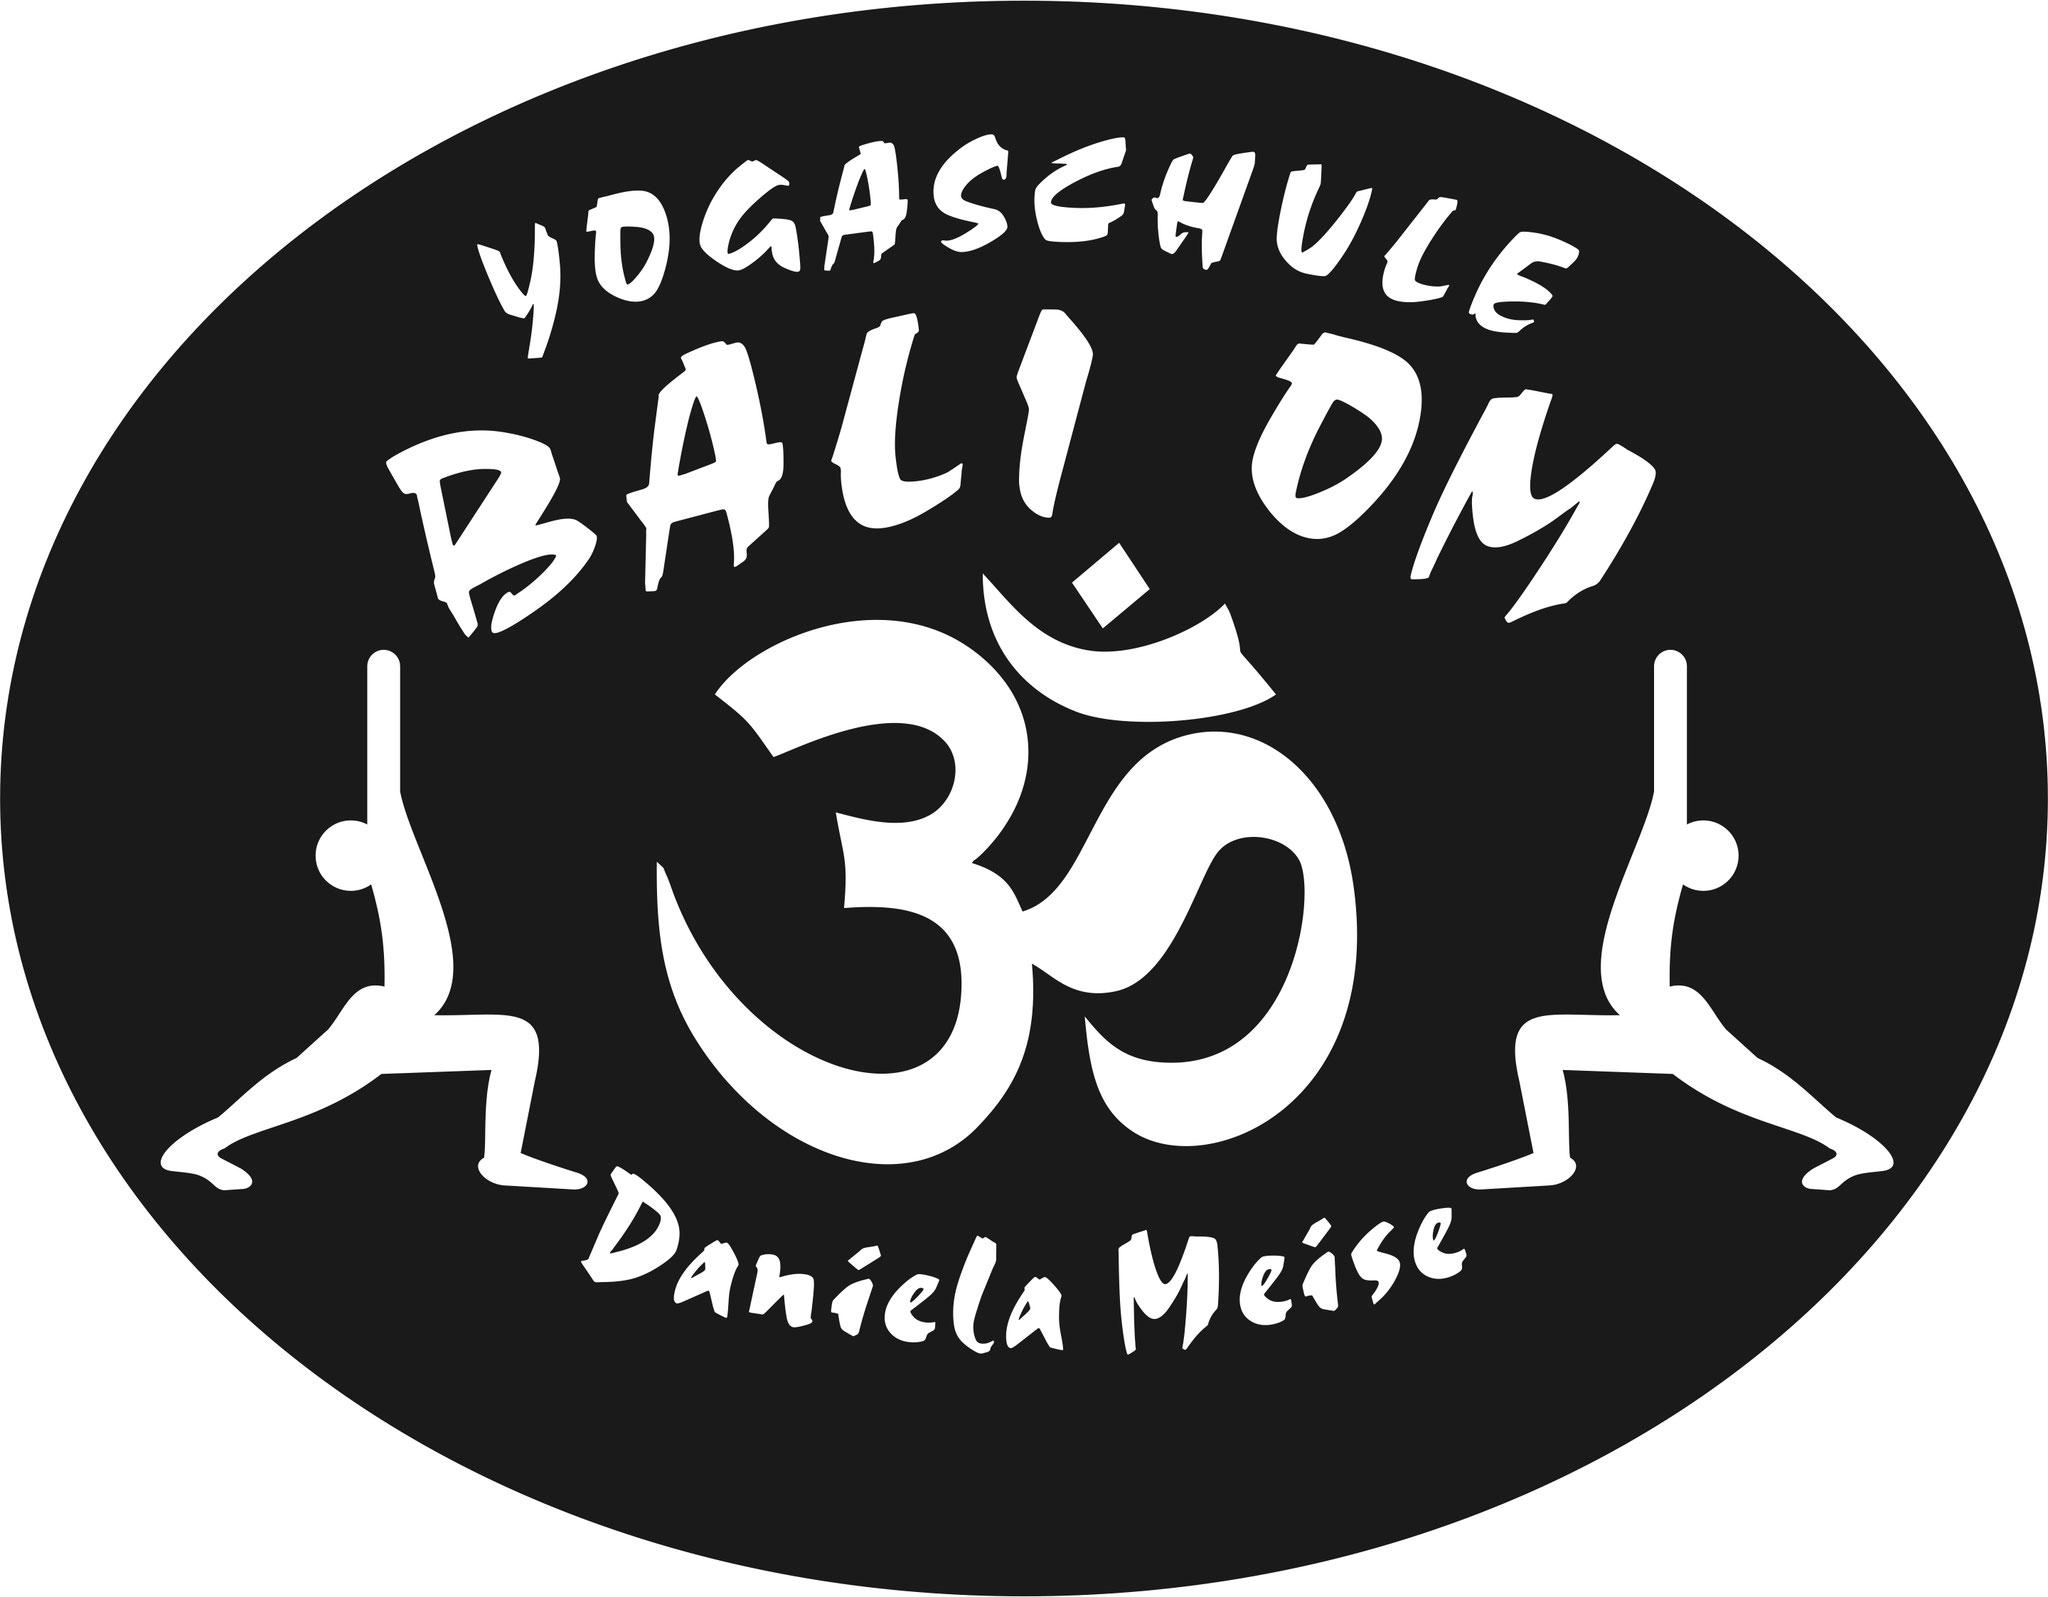 Yogaschule Bali Om, Am Markt 9, 31867 Lauenau